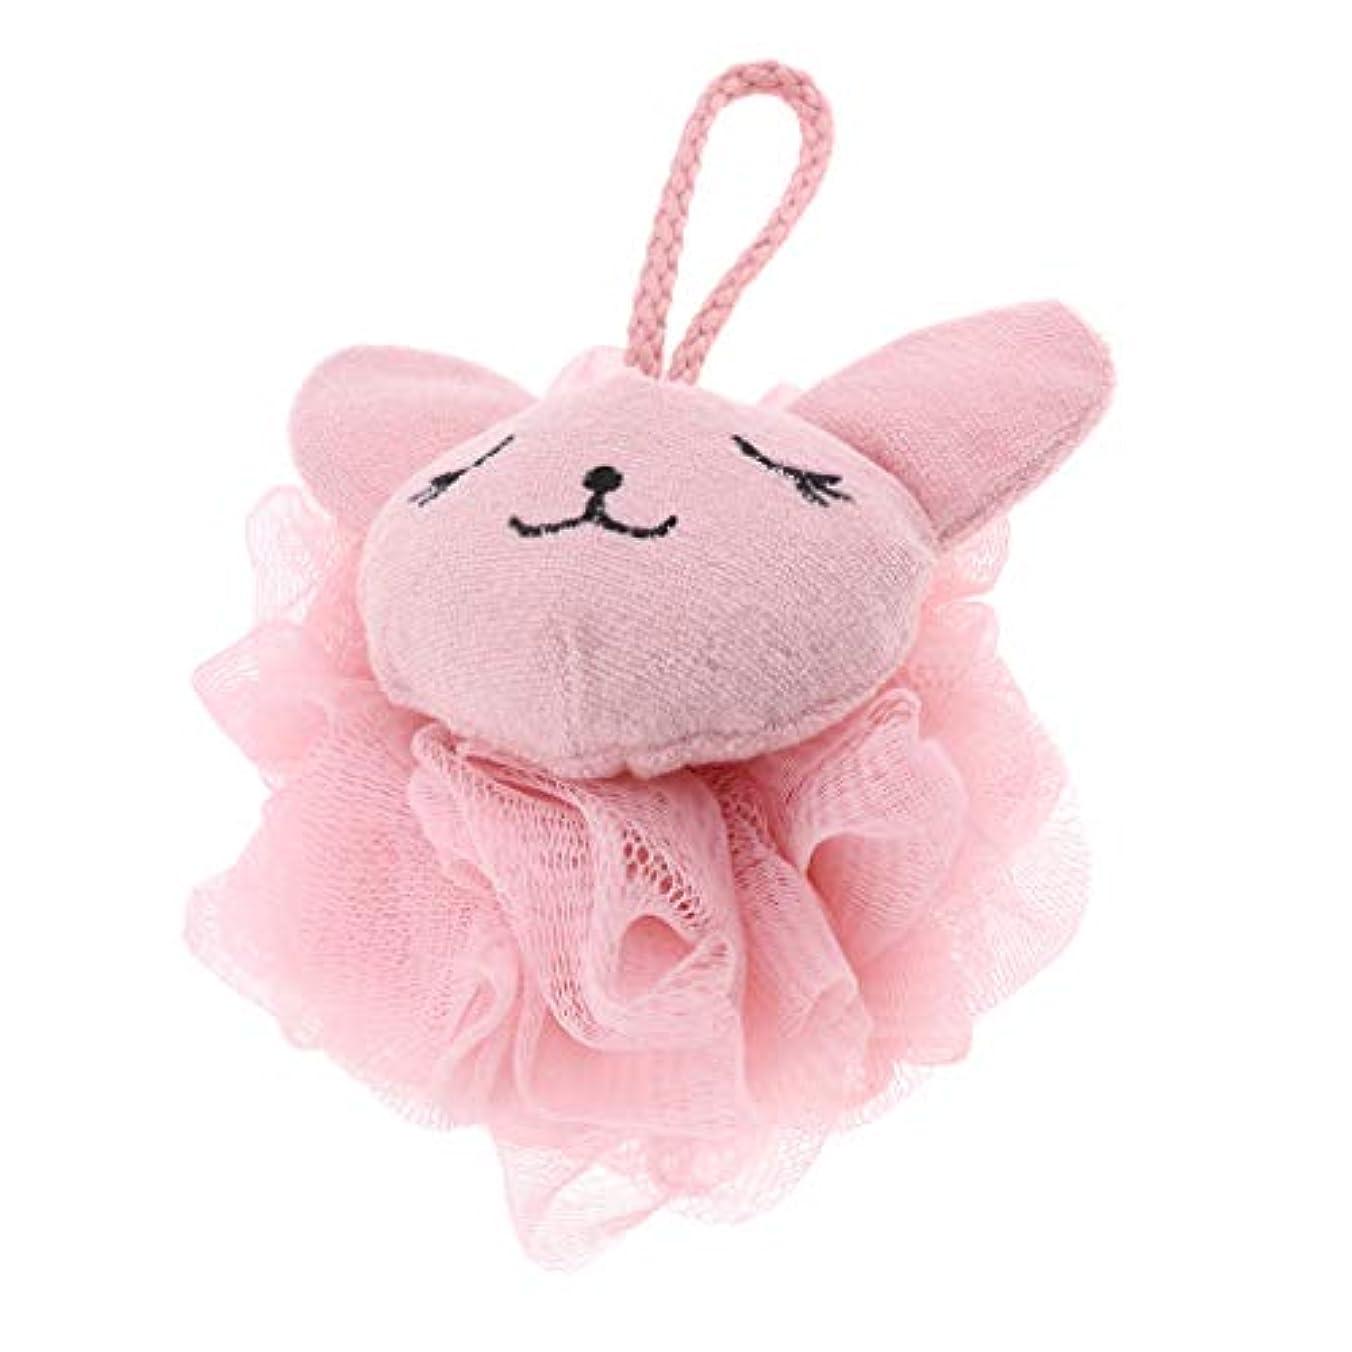 パーチナシティ最大限作りCUTICATE シャワーボール ボディスポンジ 漫画 動物 お風呂 バスグッズ 体洗い 柔らか 快適 全2色 - ピンク